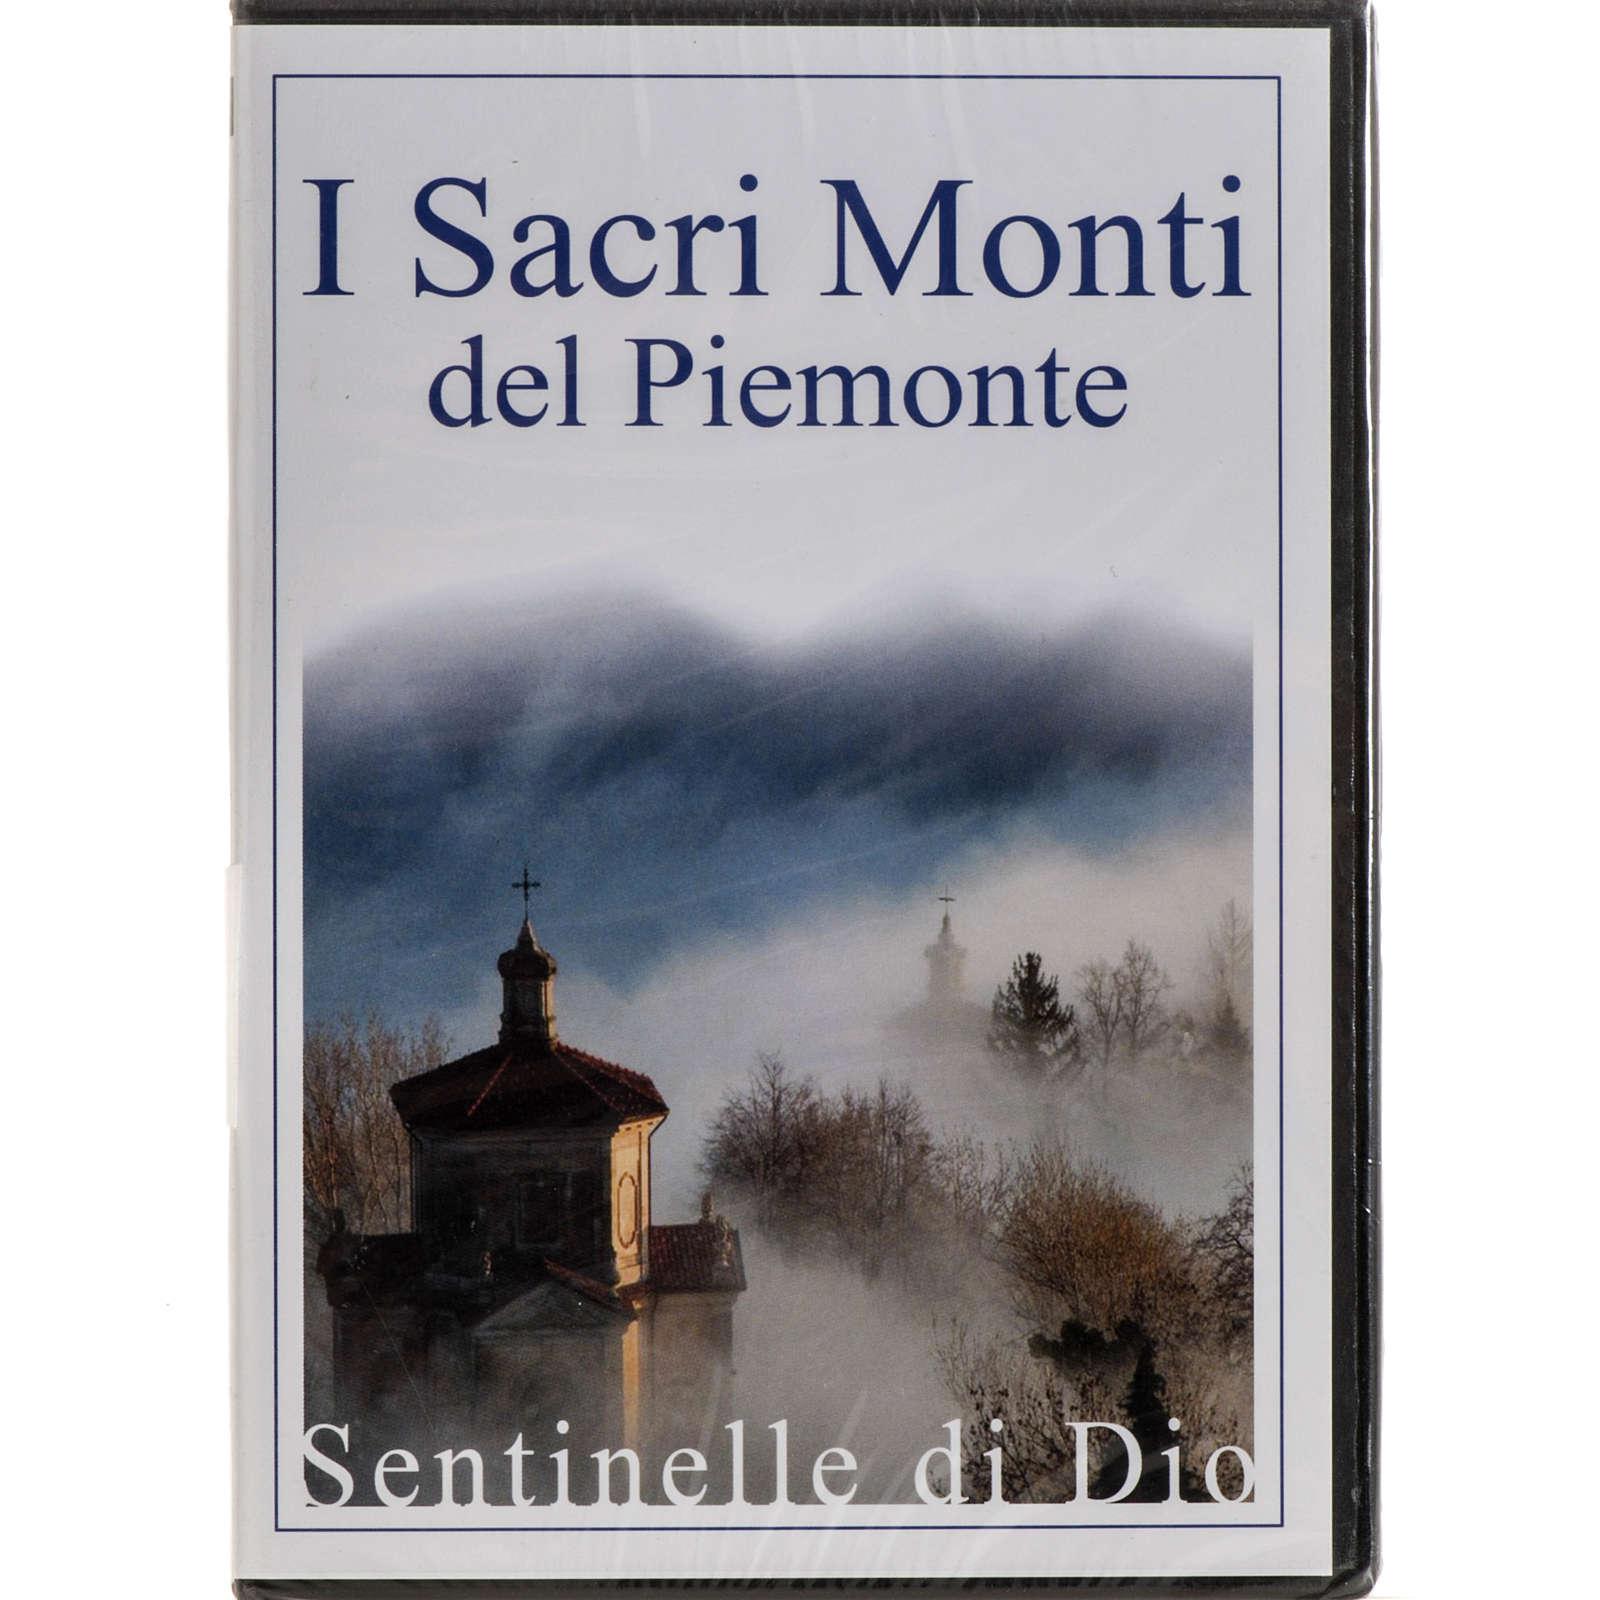 I Sacri Monti del Piemonte - Sentinelle di Dio 3